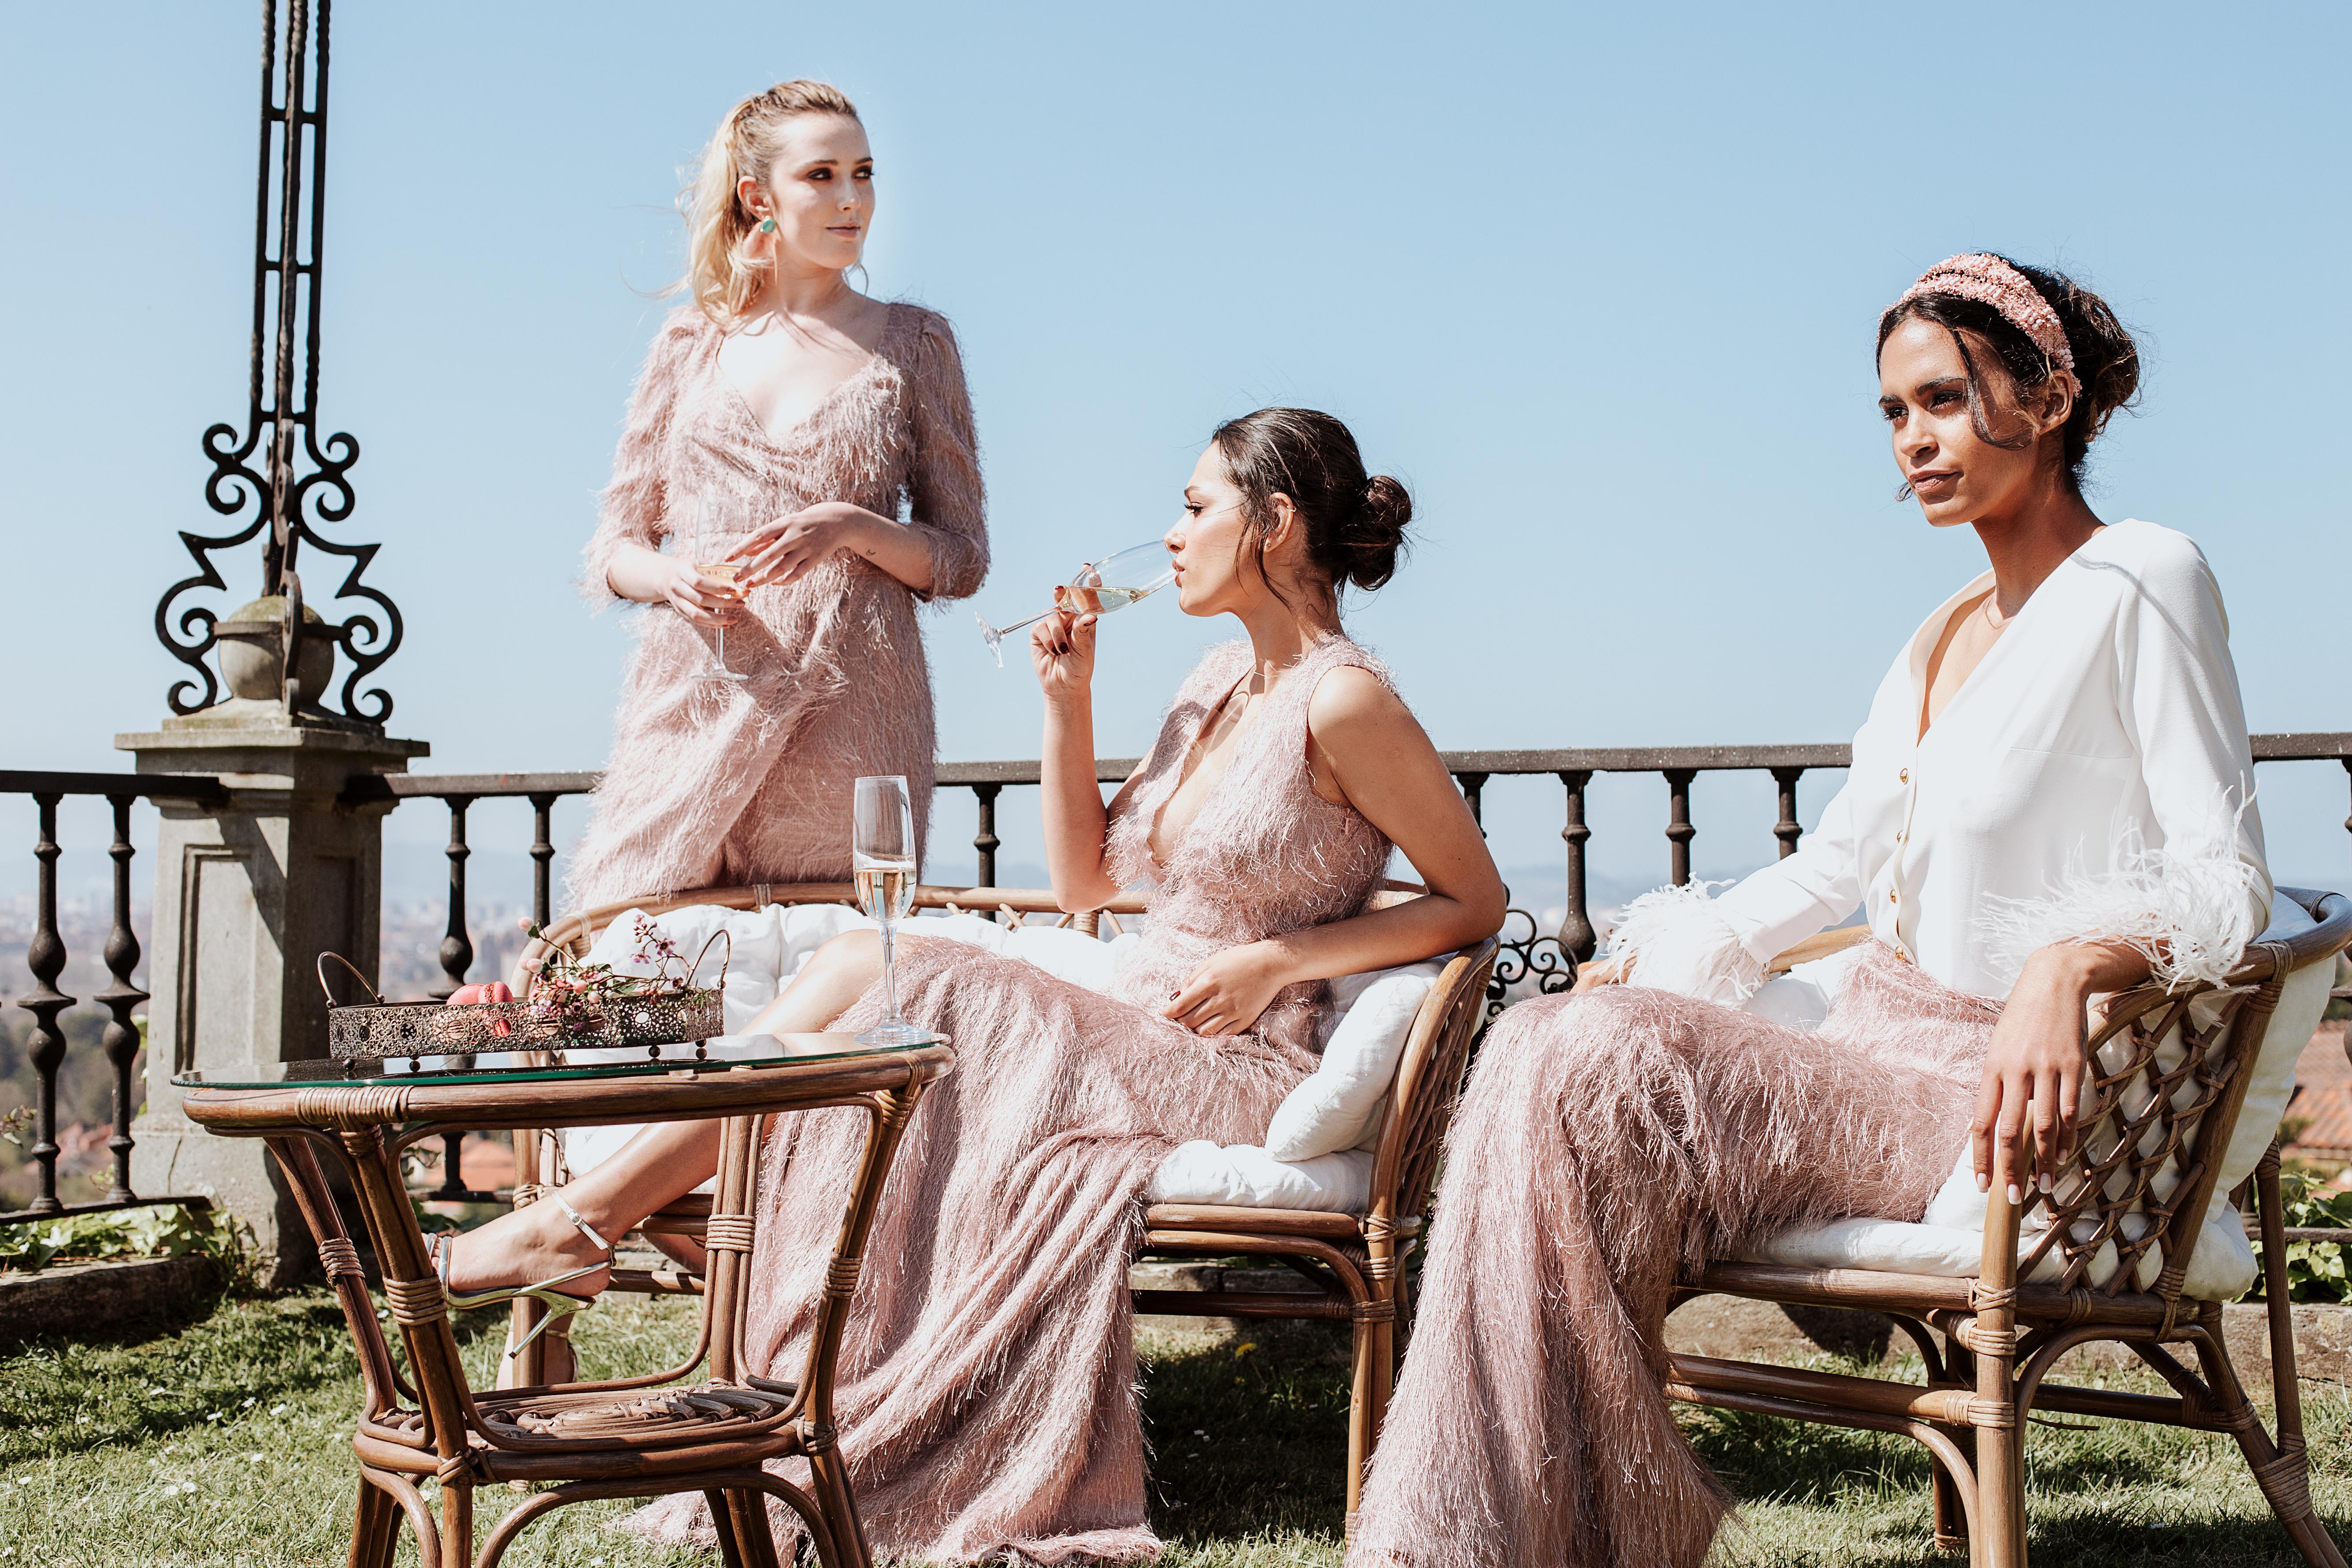 coleccion delirio apparentia verano vestidos largos cortos invitadas pantalones blusas faldas tops bodas